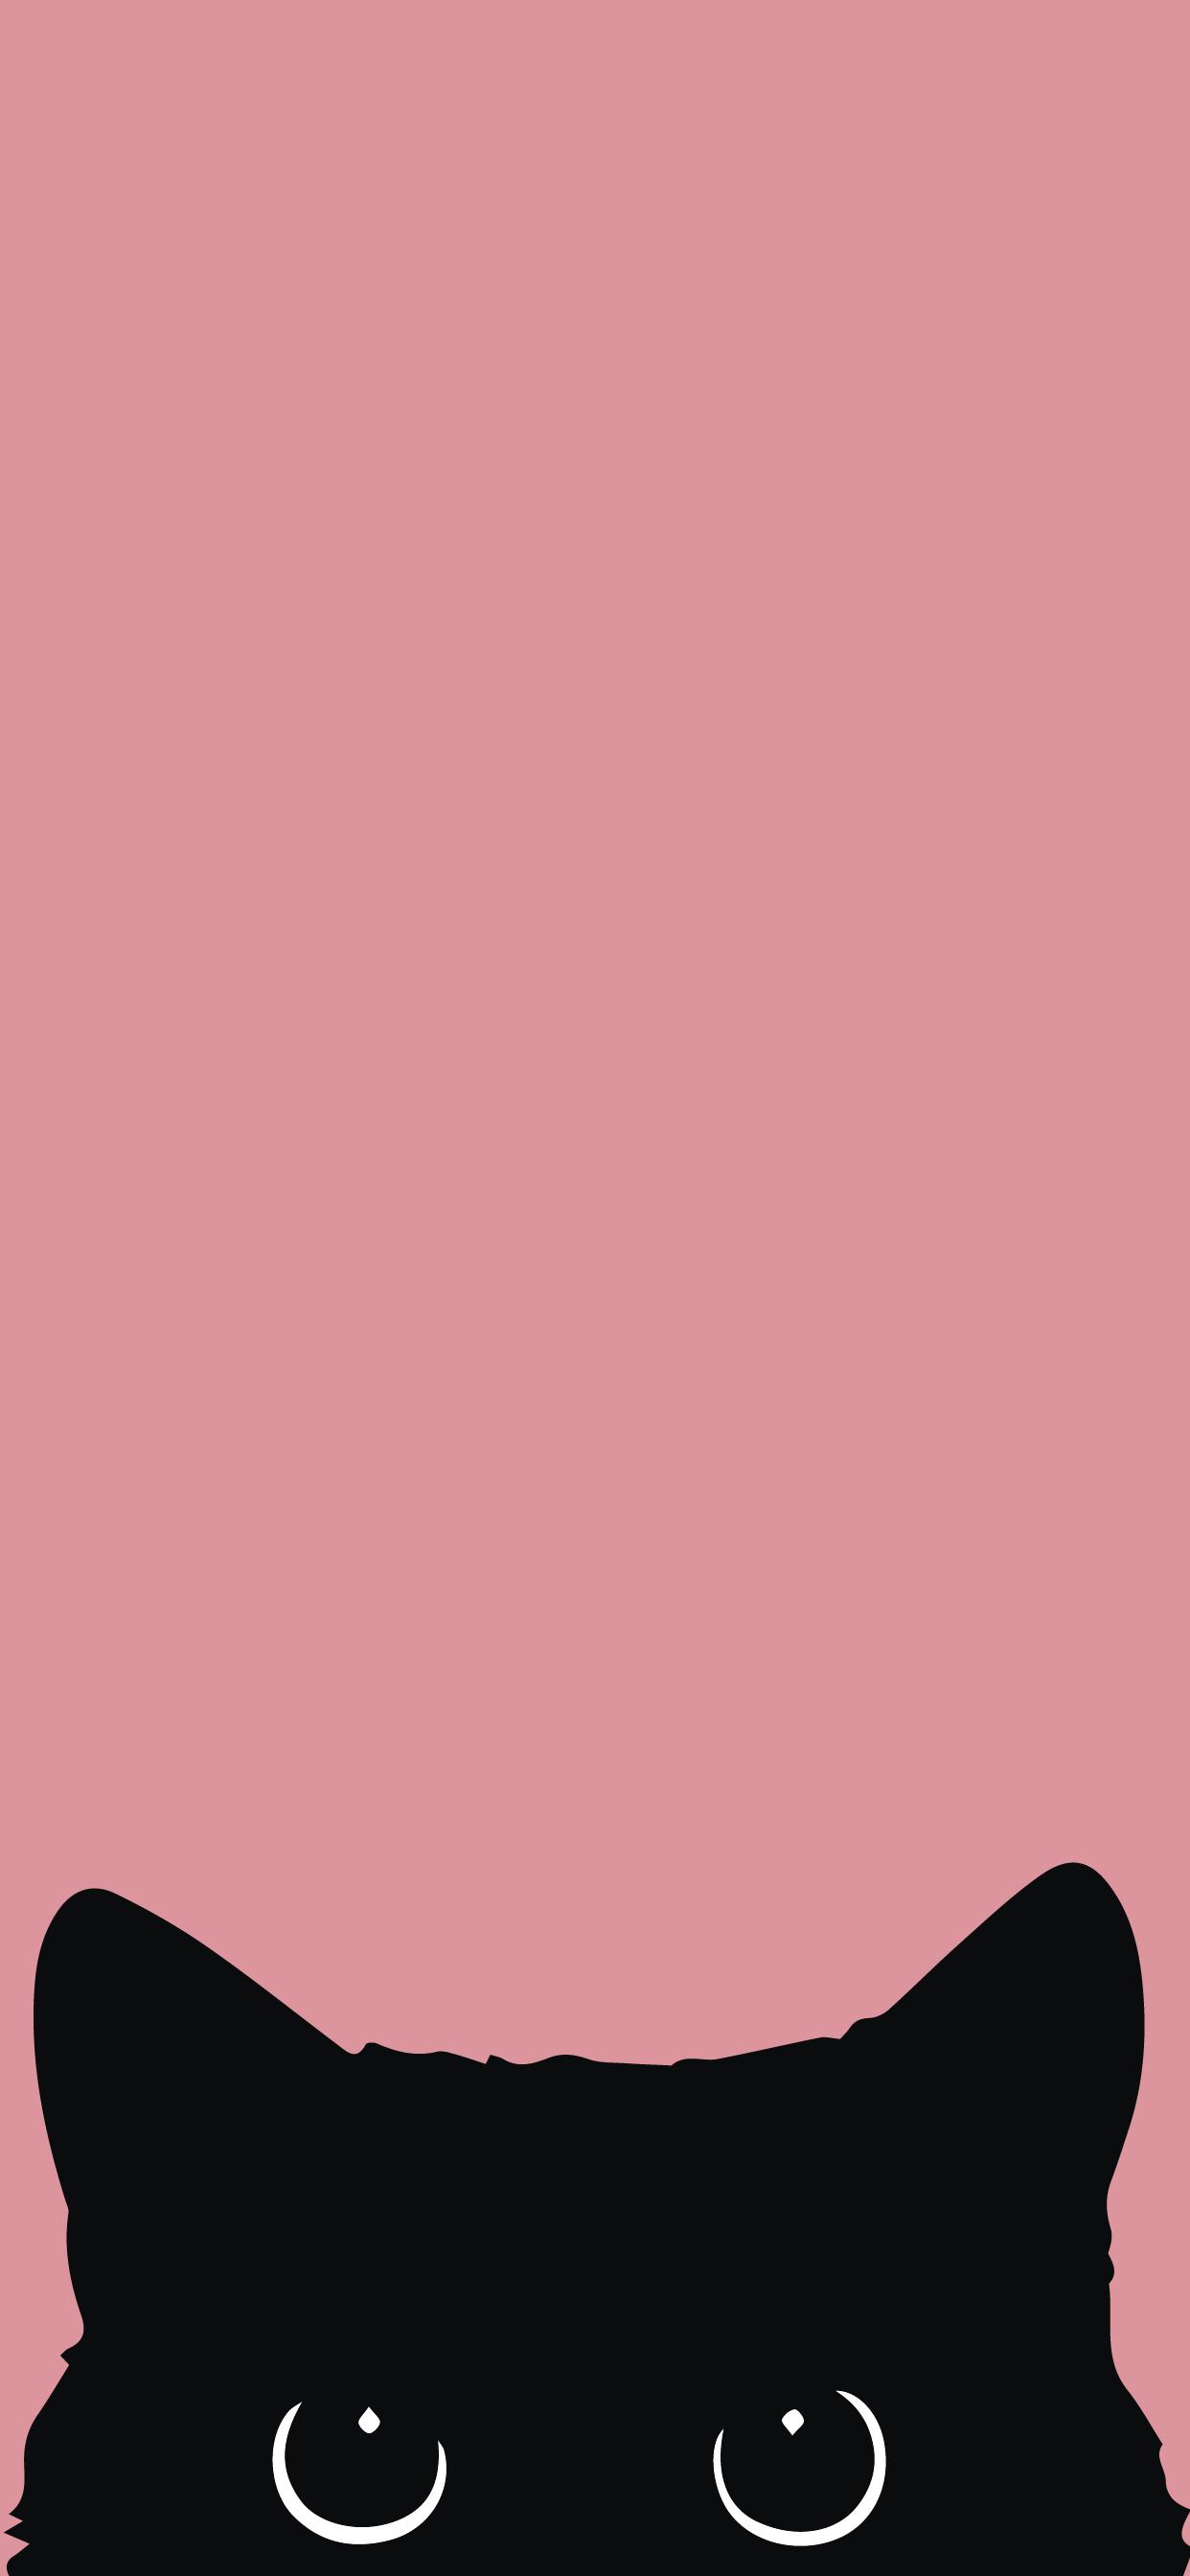 cute wallpaper hd for mobile phone black cat